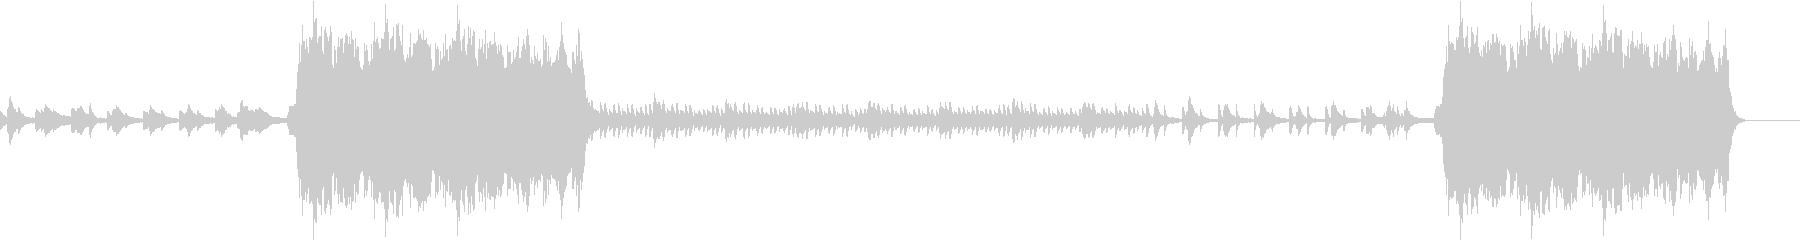 秋をイメージした感傷的なピアノインストの未再生の波形